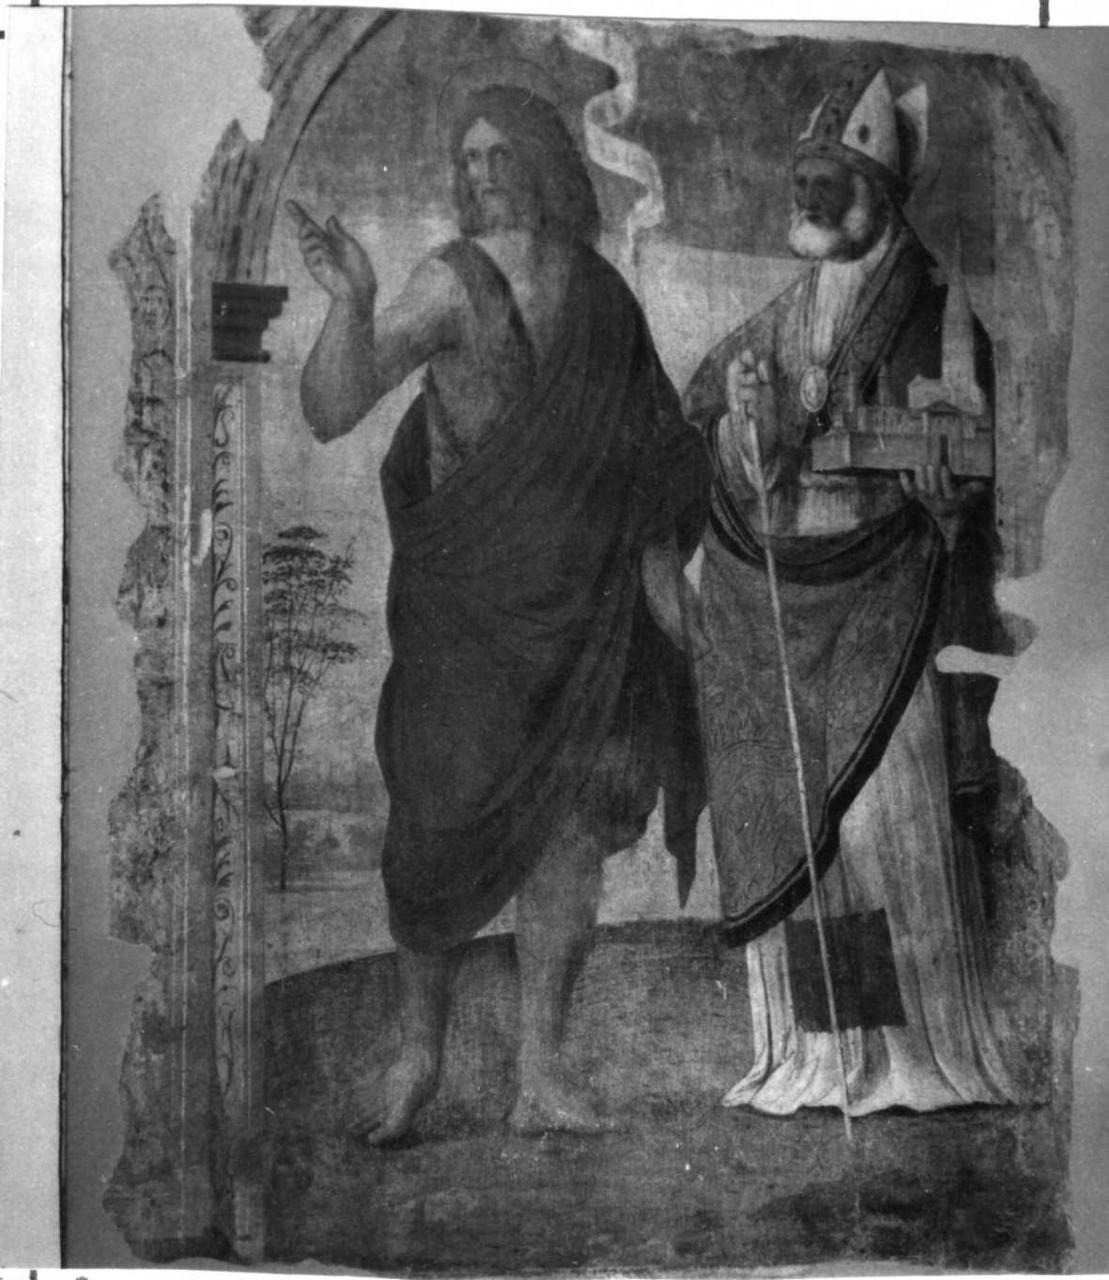 Storie della vita di San Lazzaro (dipinto, ciclo) di Setti Adamo, Setti Agostino (prima metà sec. XVI)